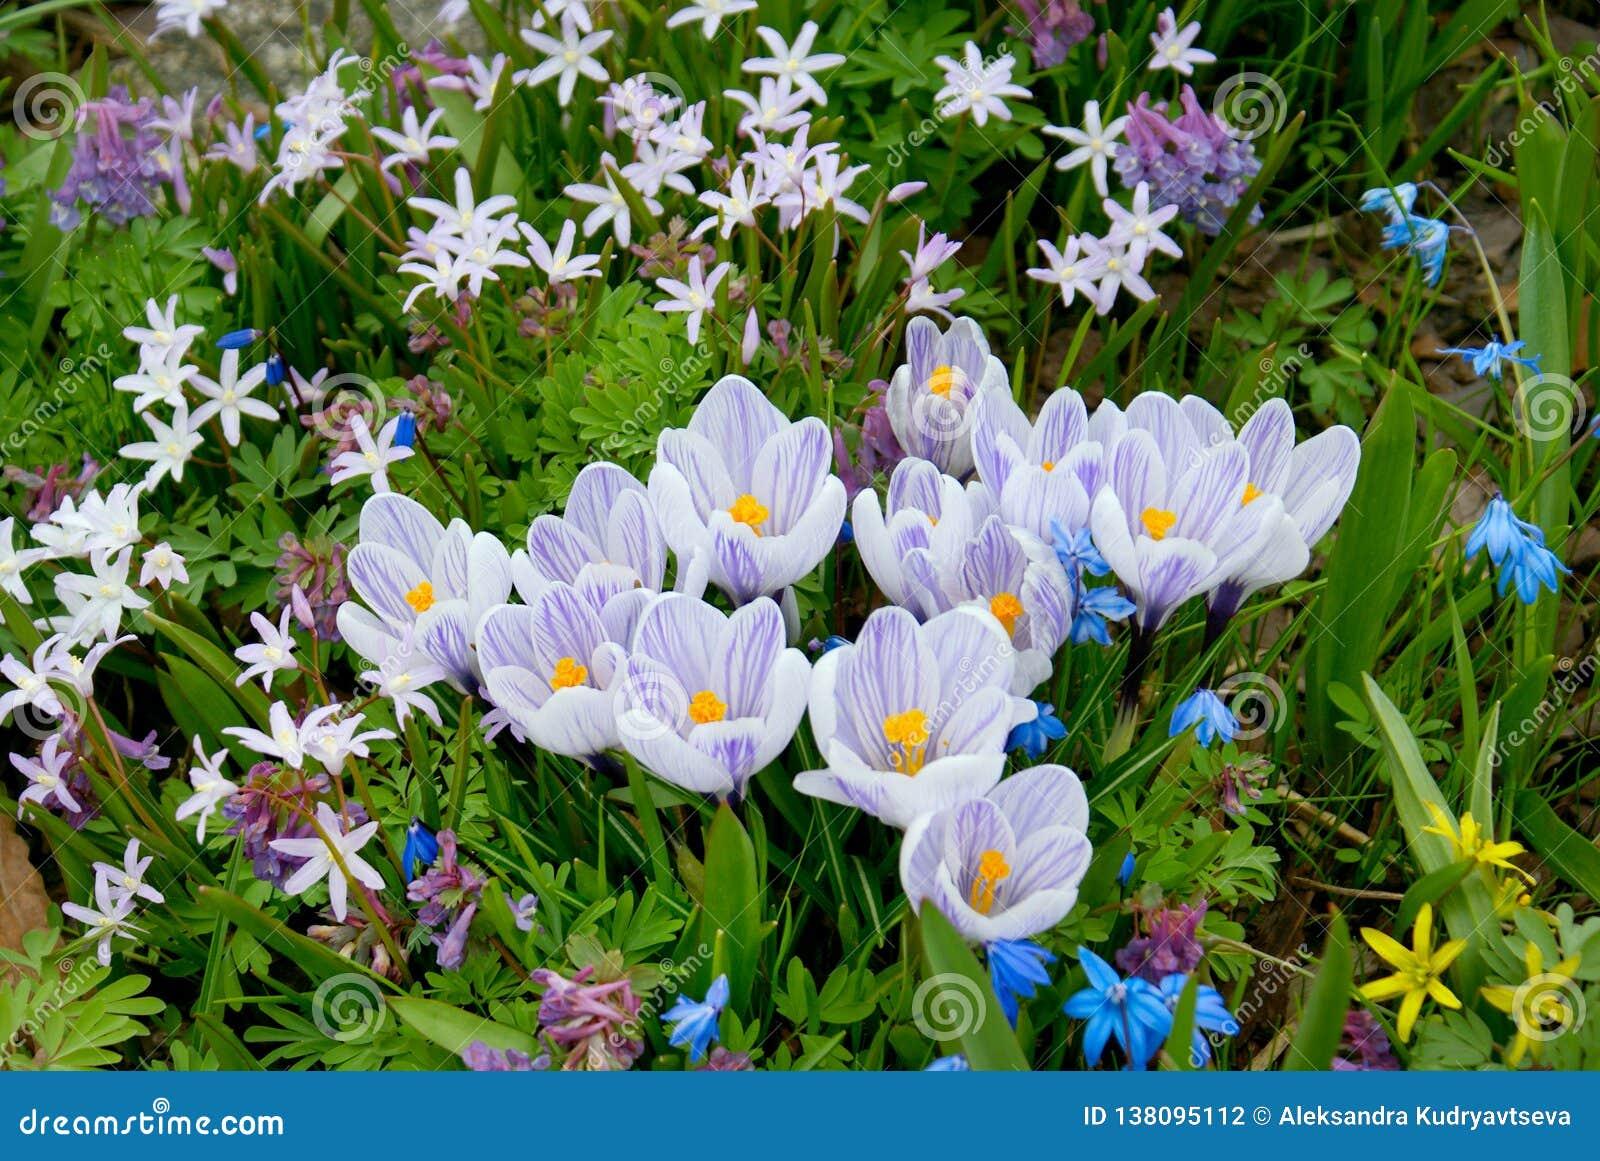 Violet crocus flowers field